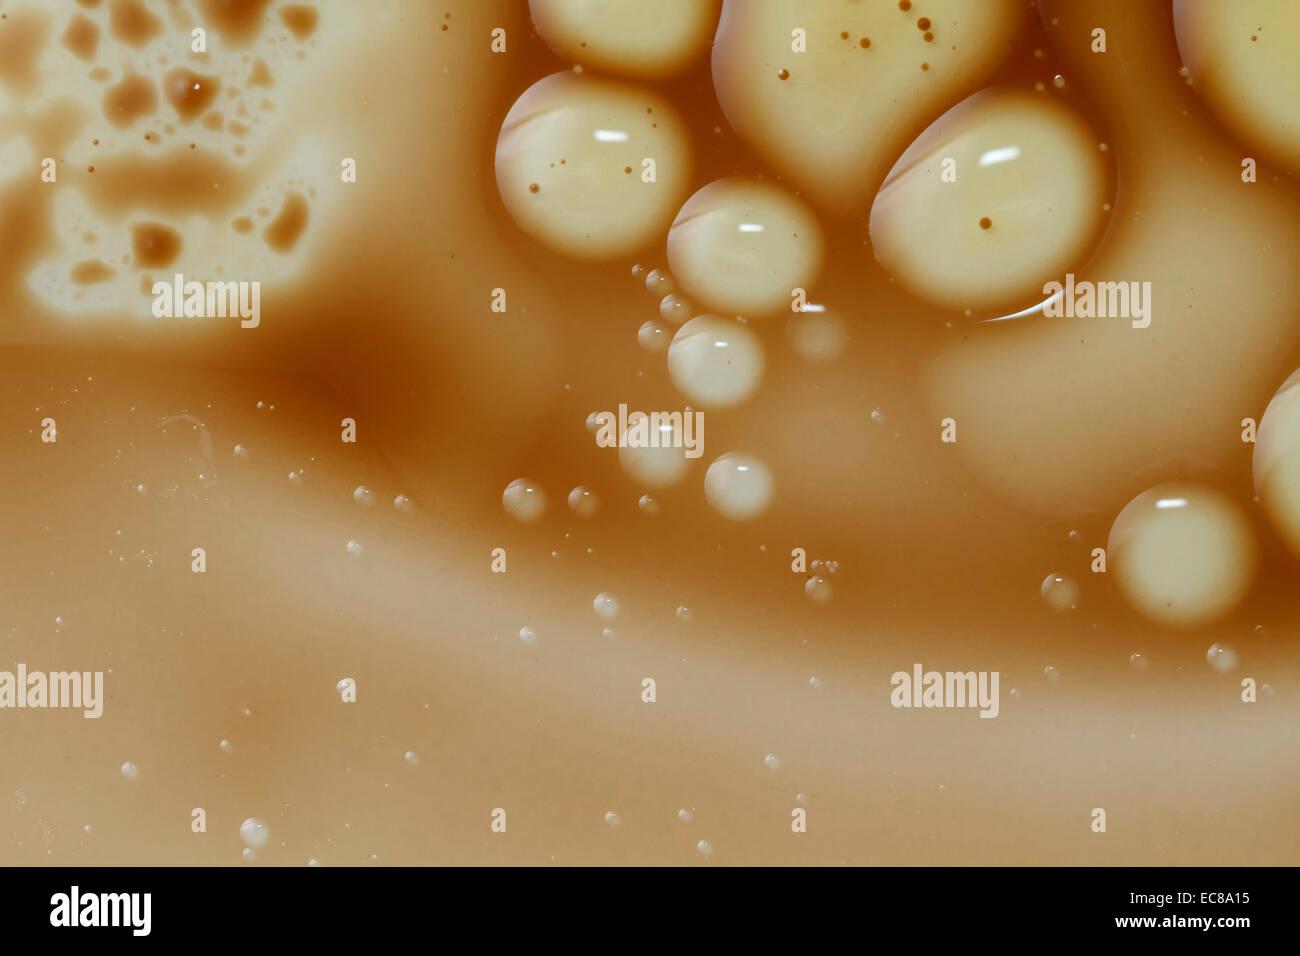 Con vinagre balsámico, gotas de agua y círculos, Fondos abstractos Imagen De Stock